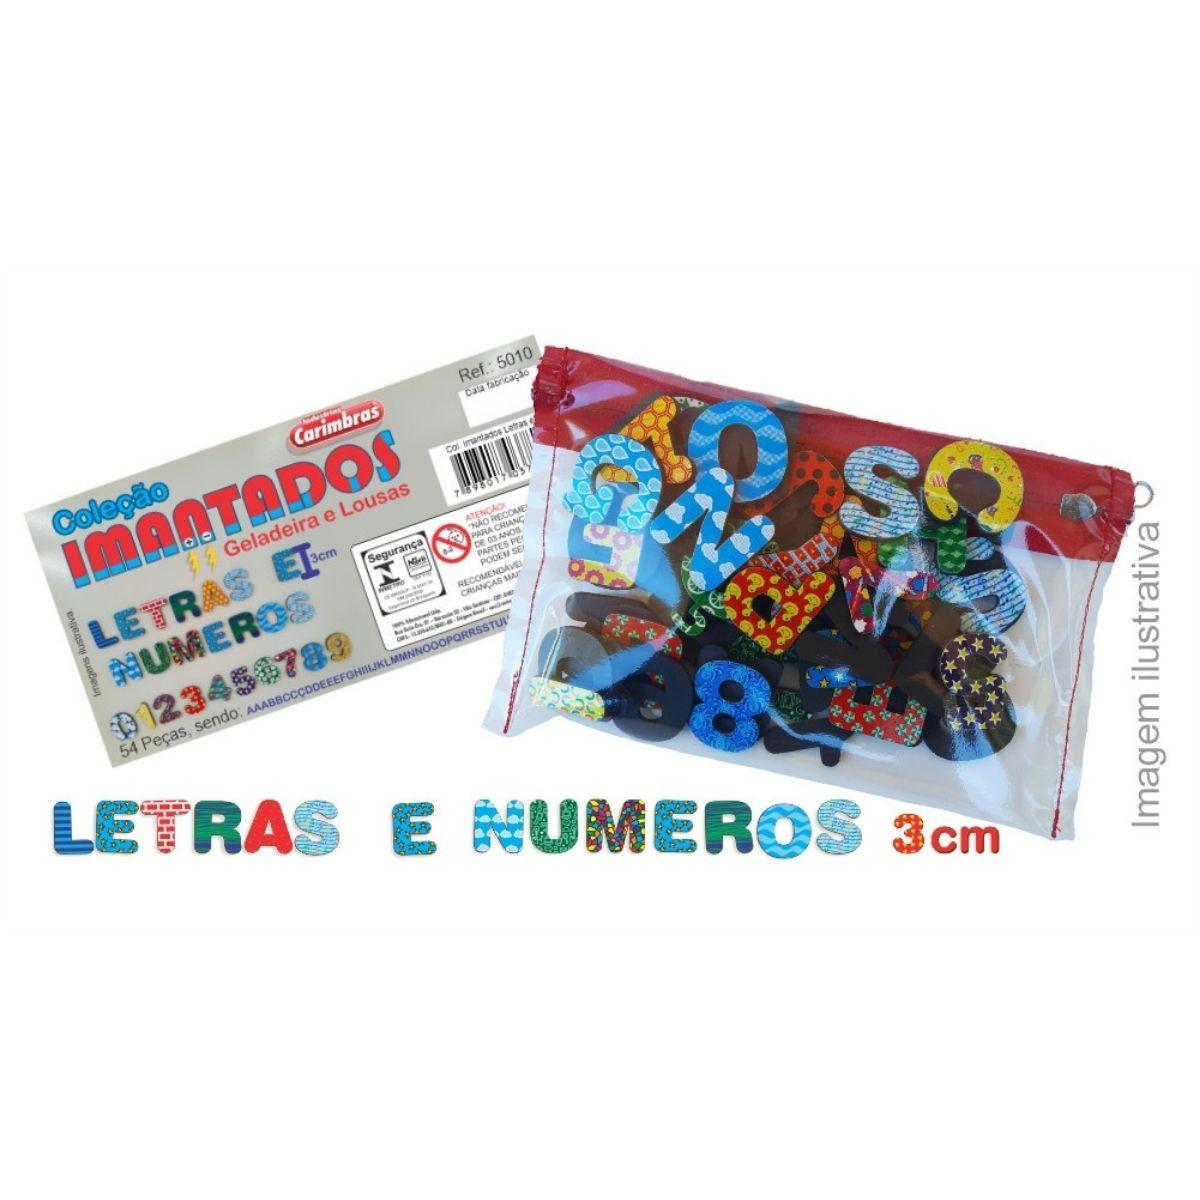 Coleção Letras E Numeros Imã Geladeira E Lousa Montessori